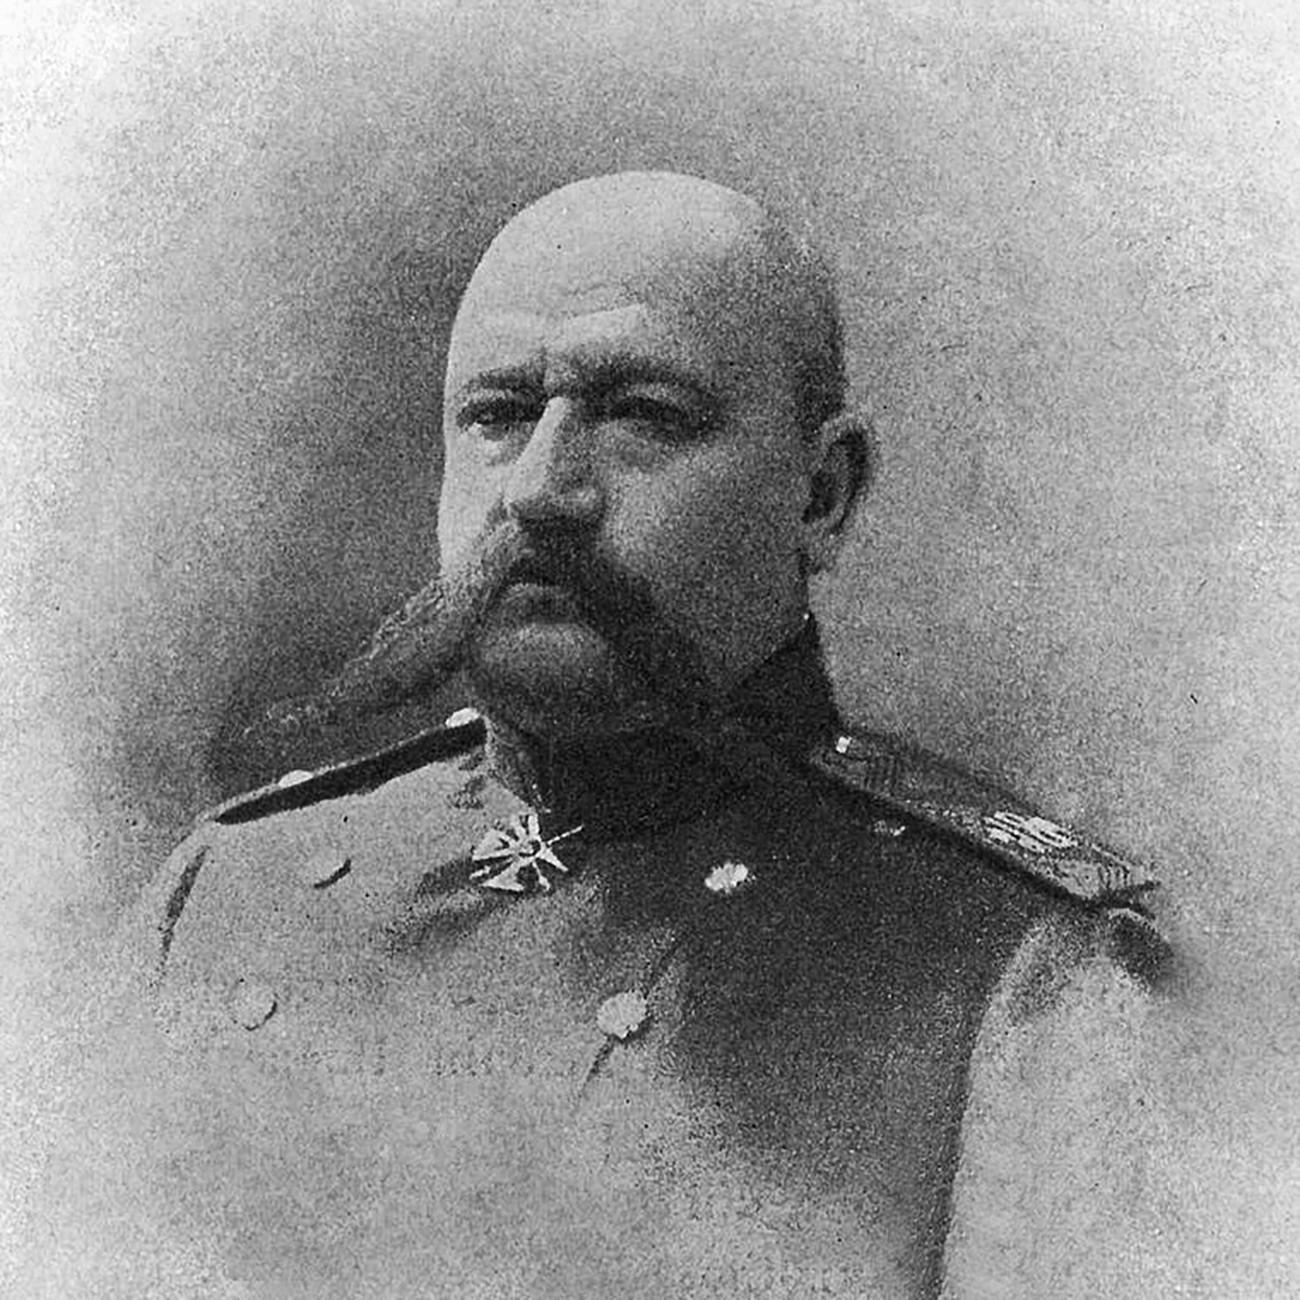 Nikolaï Ioudenitch (1862 – 1933)